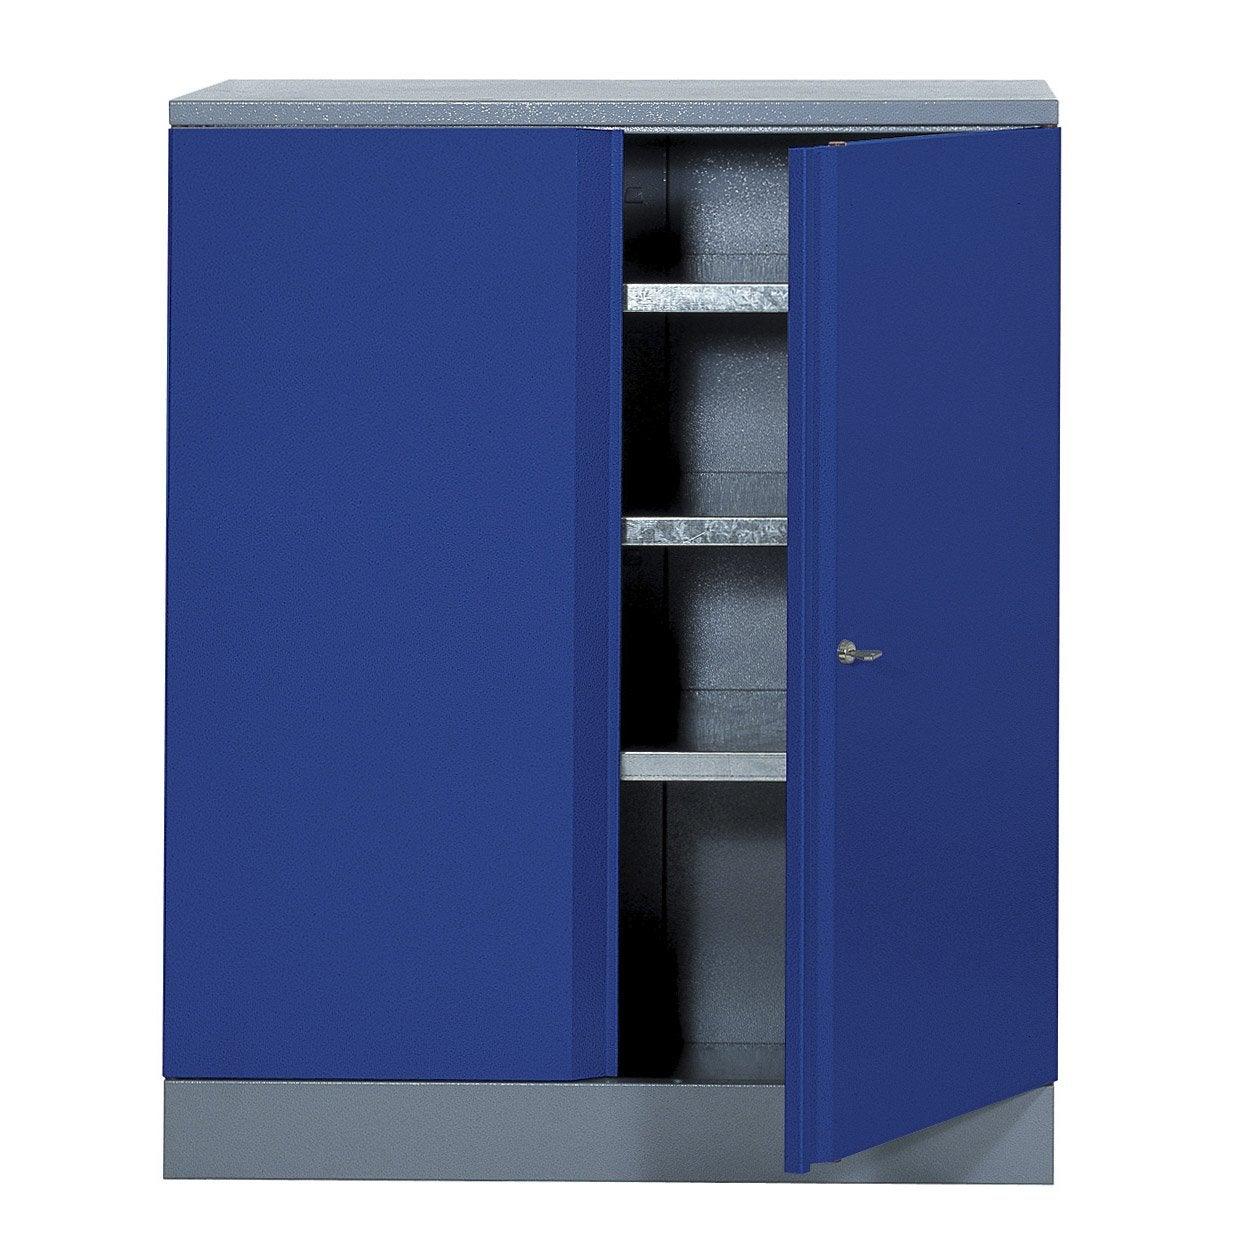 Armoire de rangement en m tal bleu kupper 91 cm 1 porte for Armoire de rangement leroy merlin